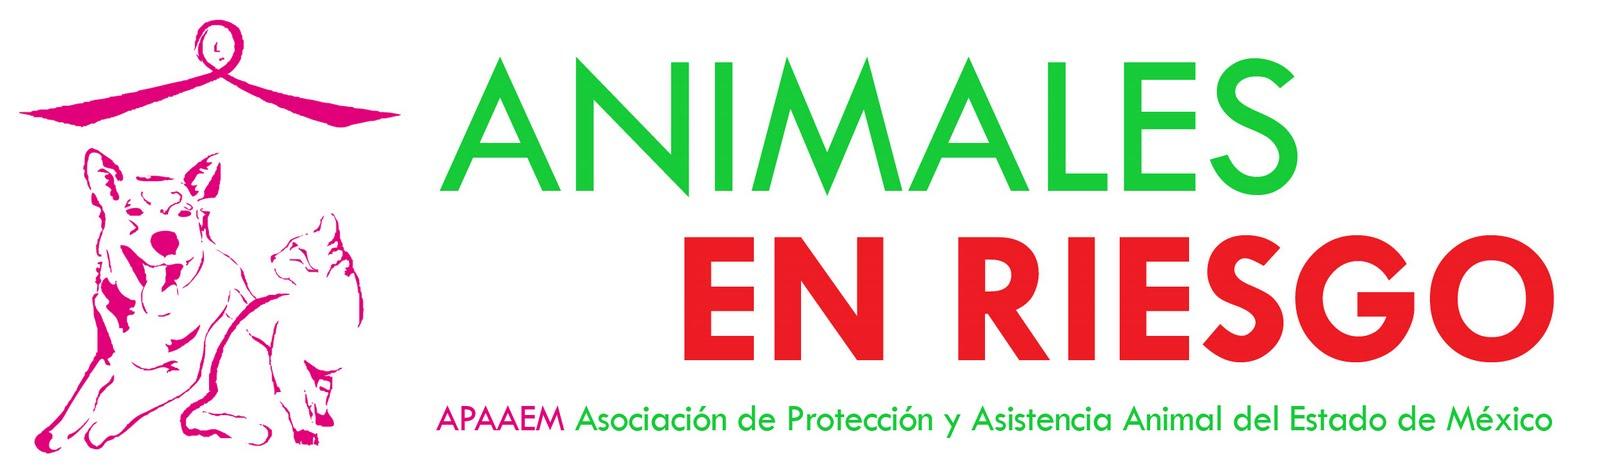 Animales en riesgo